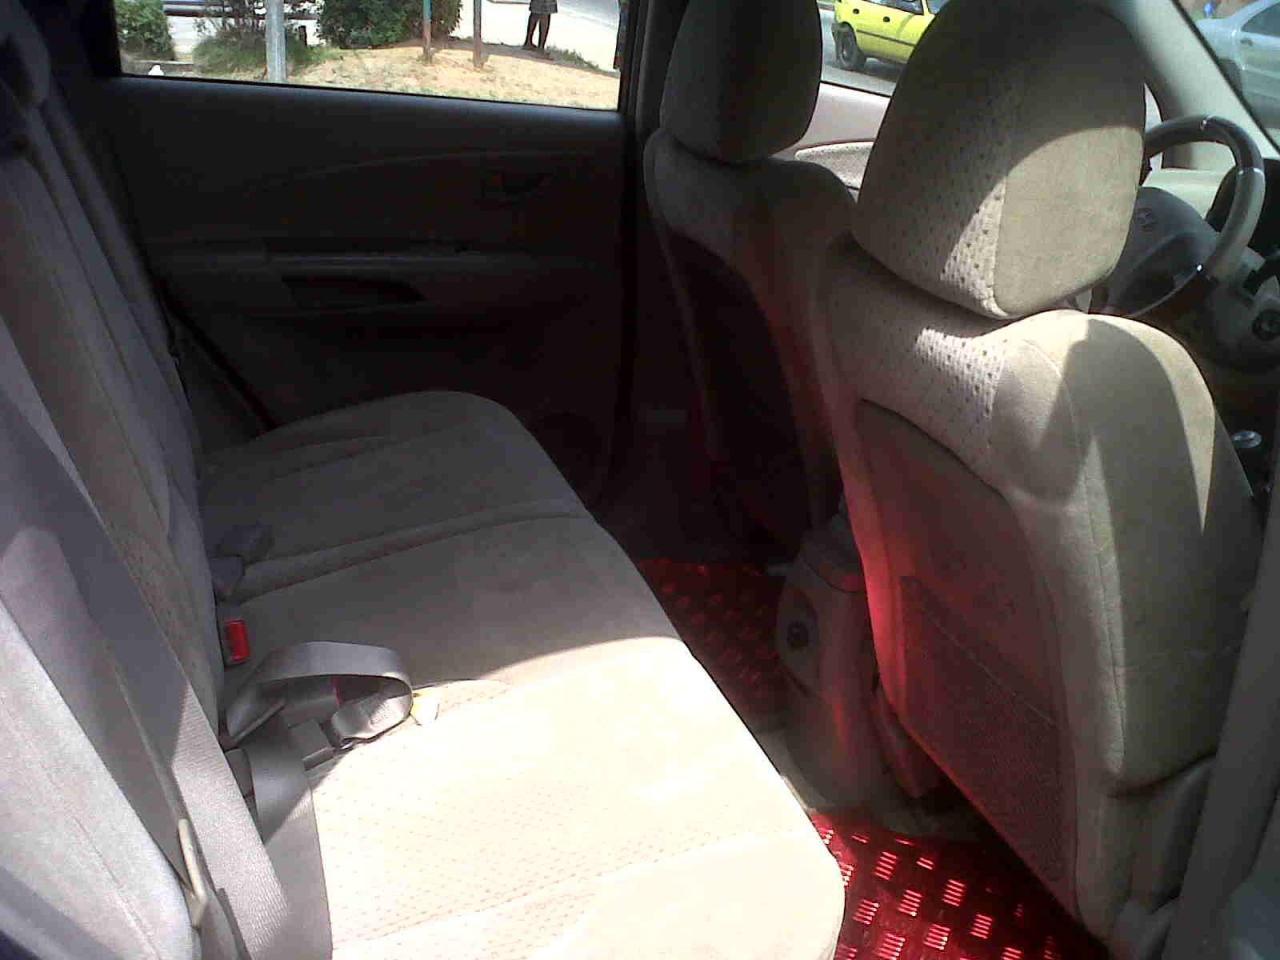 Hyundai tucson interieur arriere